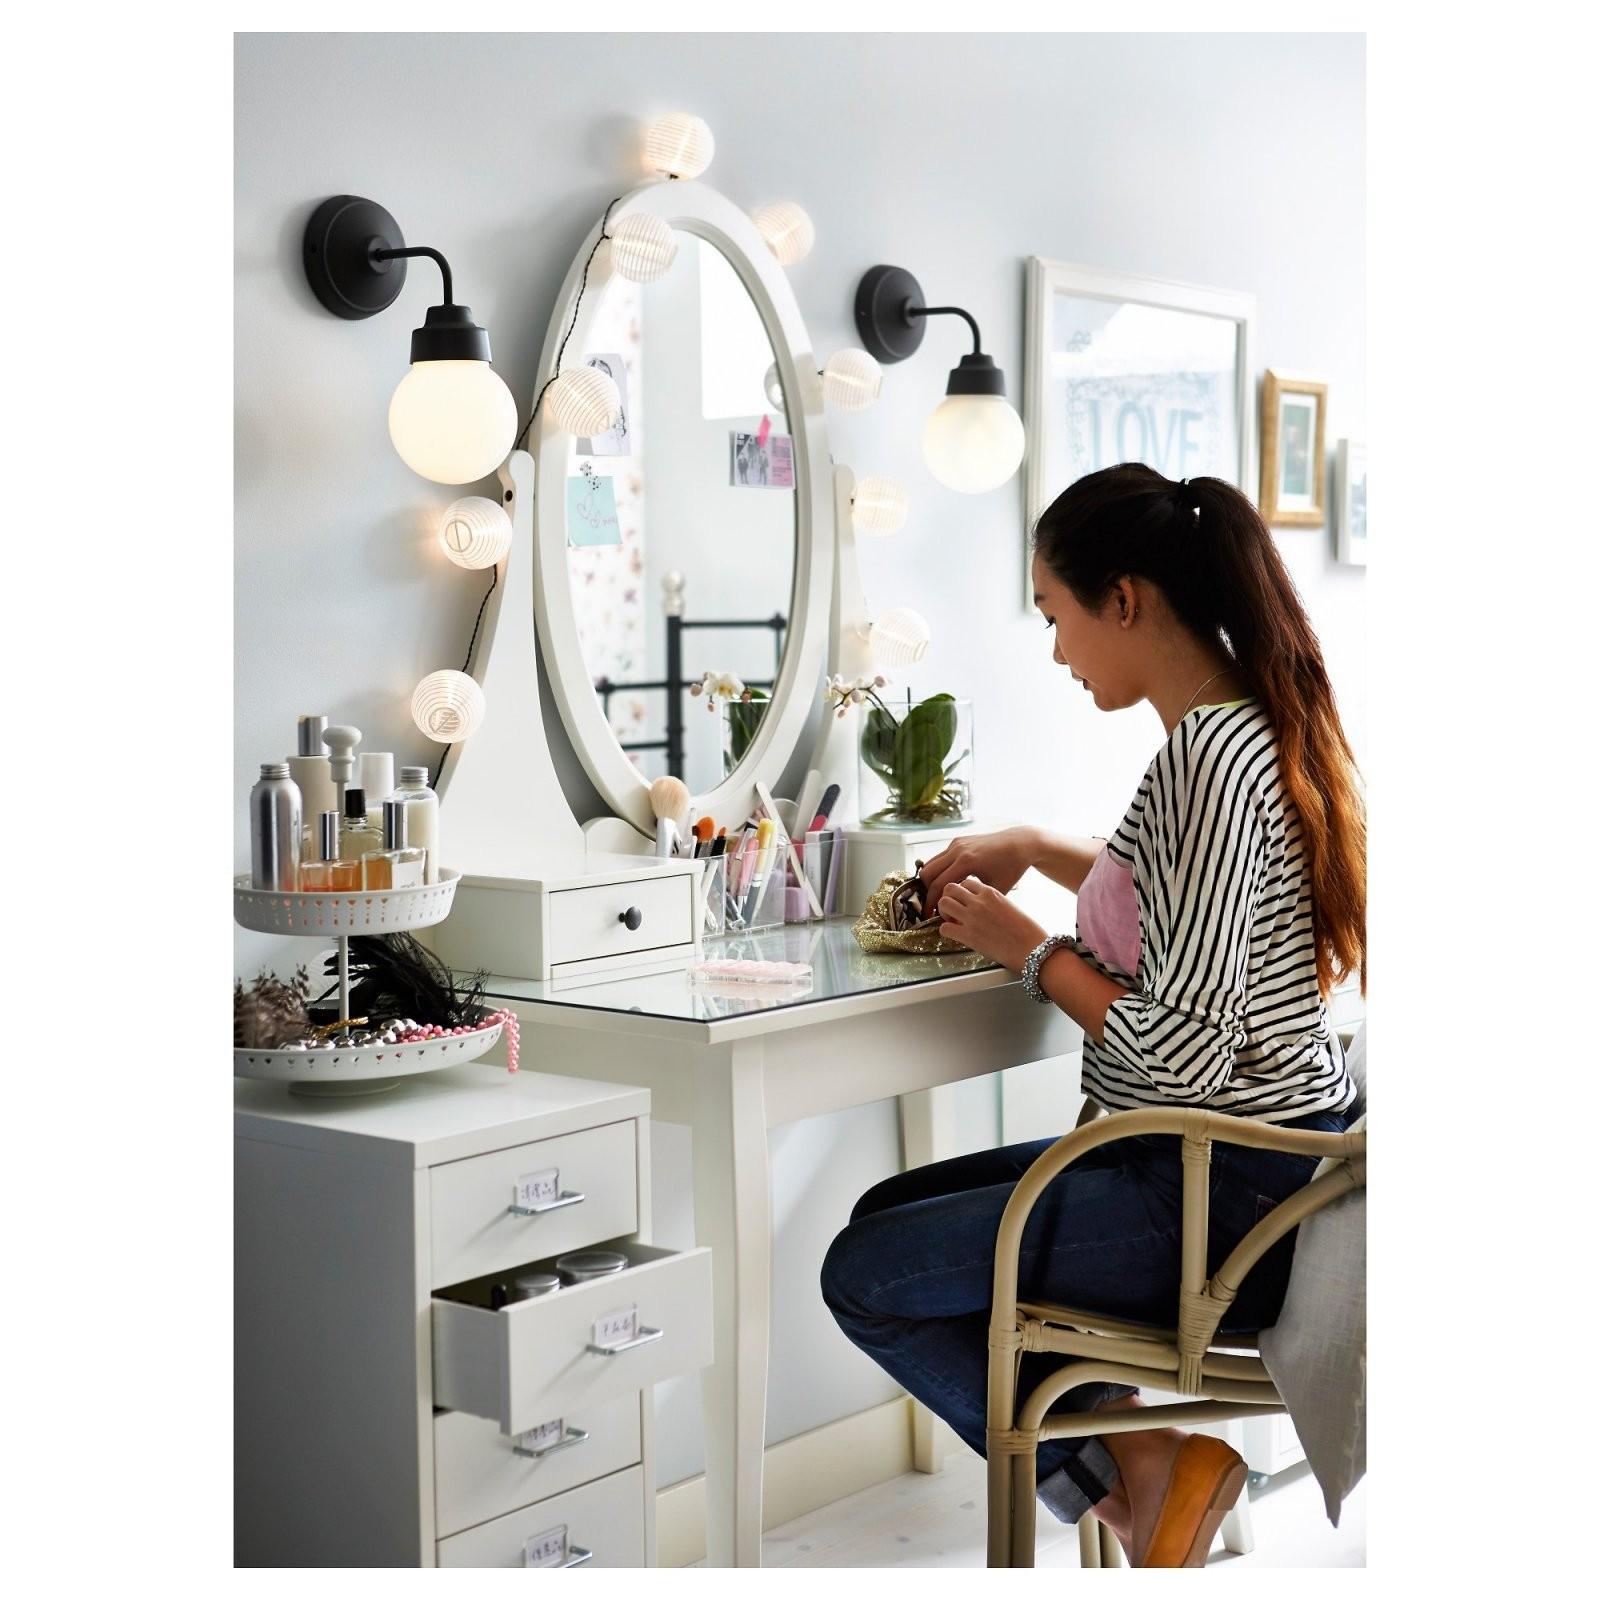 Hemnes Frisiertisch Mit Spiegel  Ikea von Schminkspiegel Mit Beleuchtung Ikea Bild